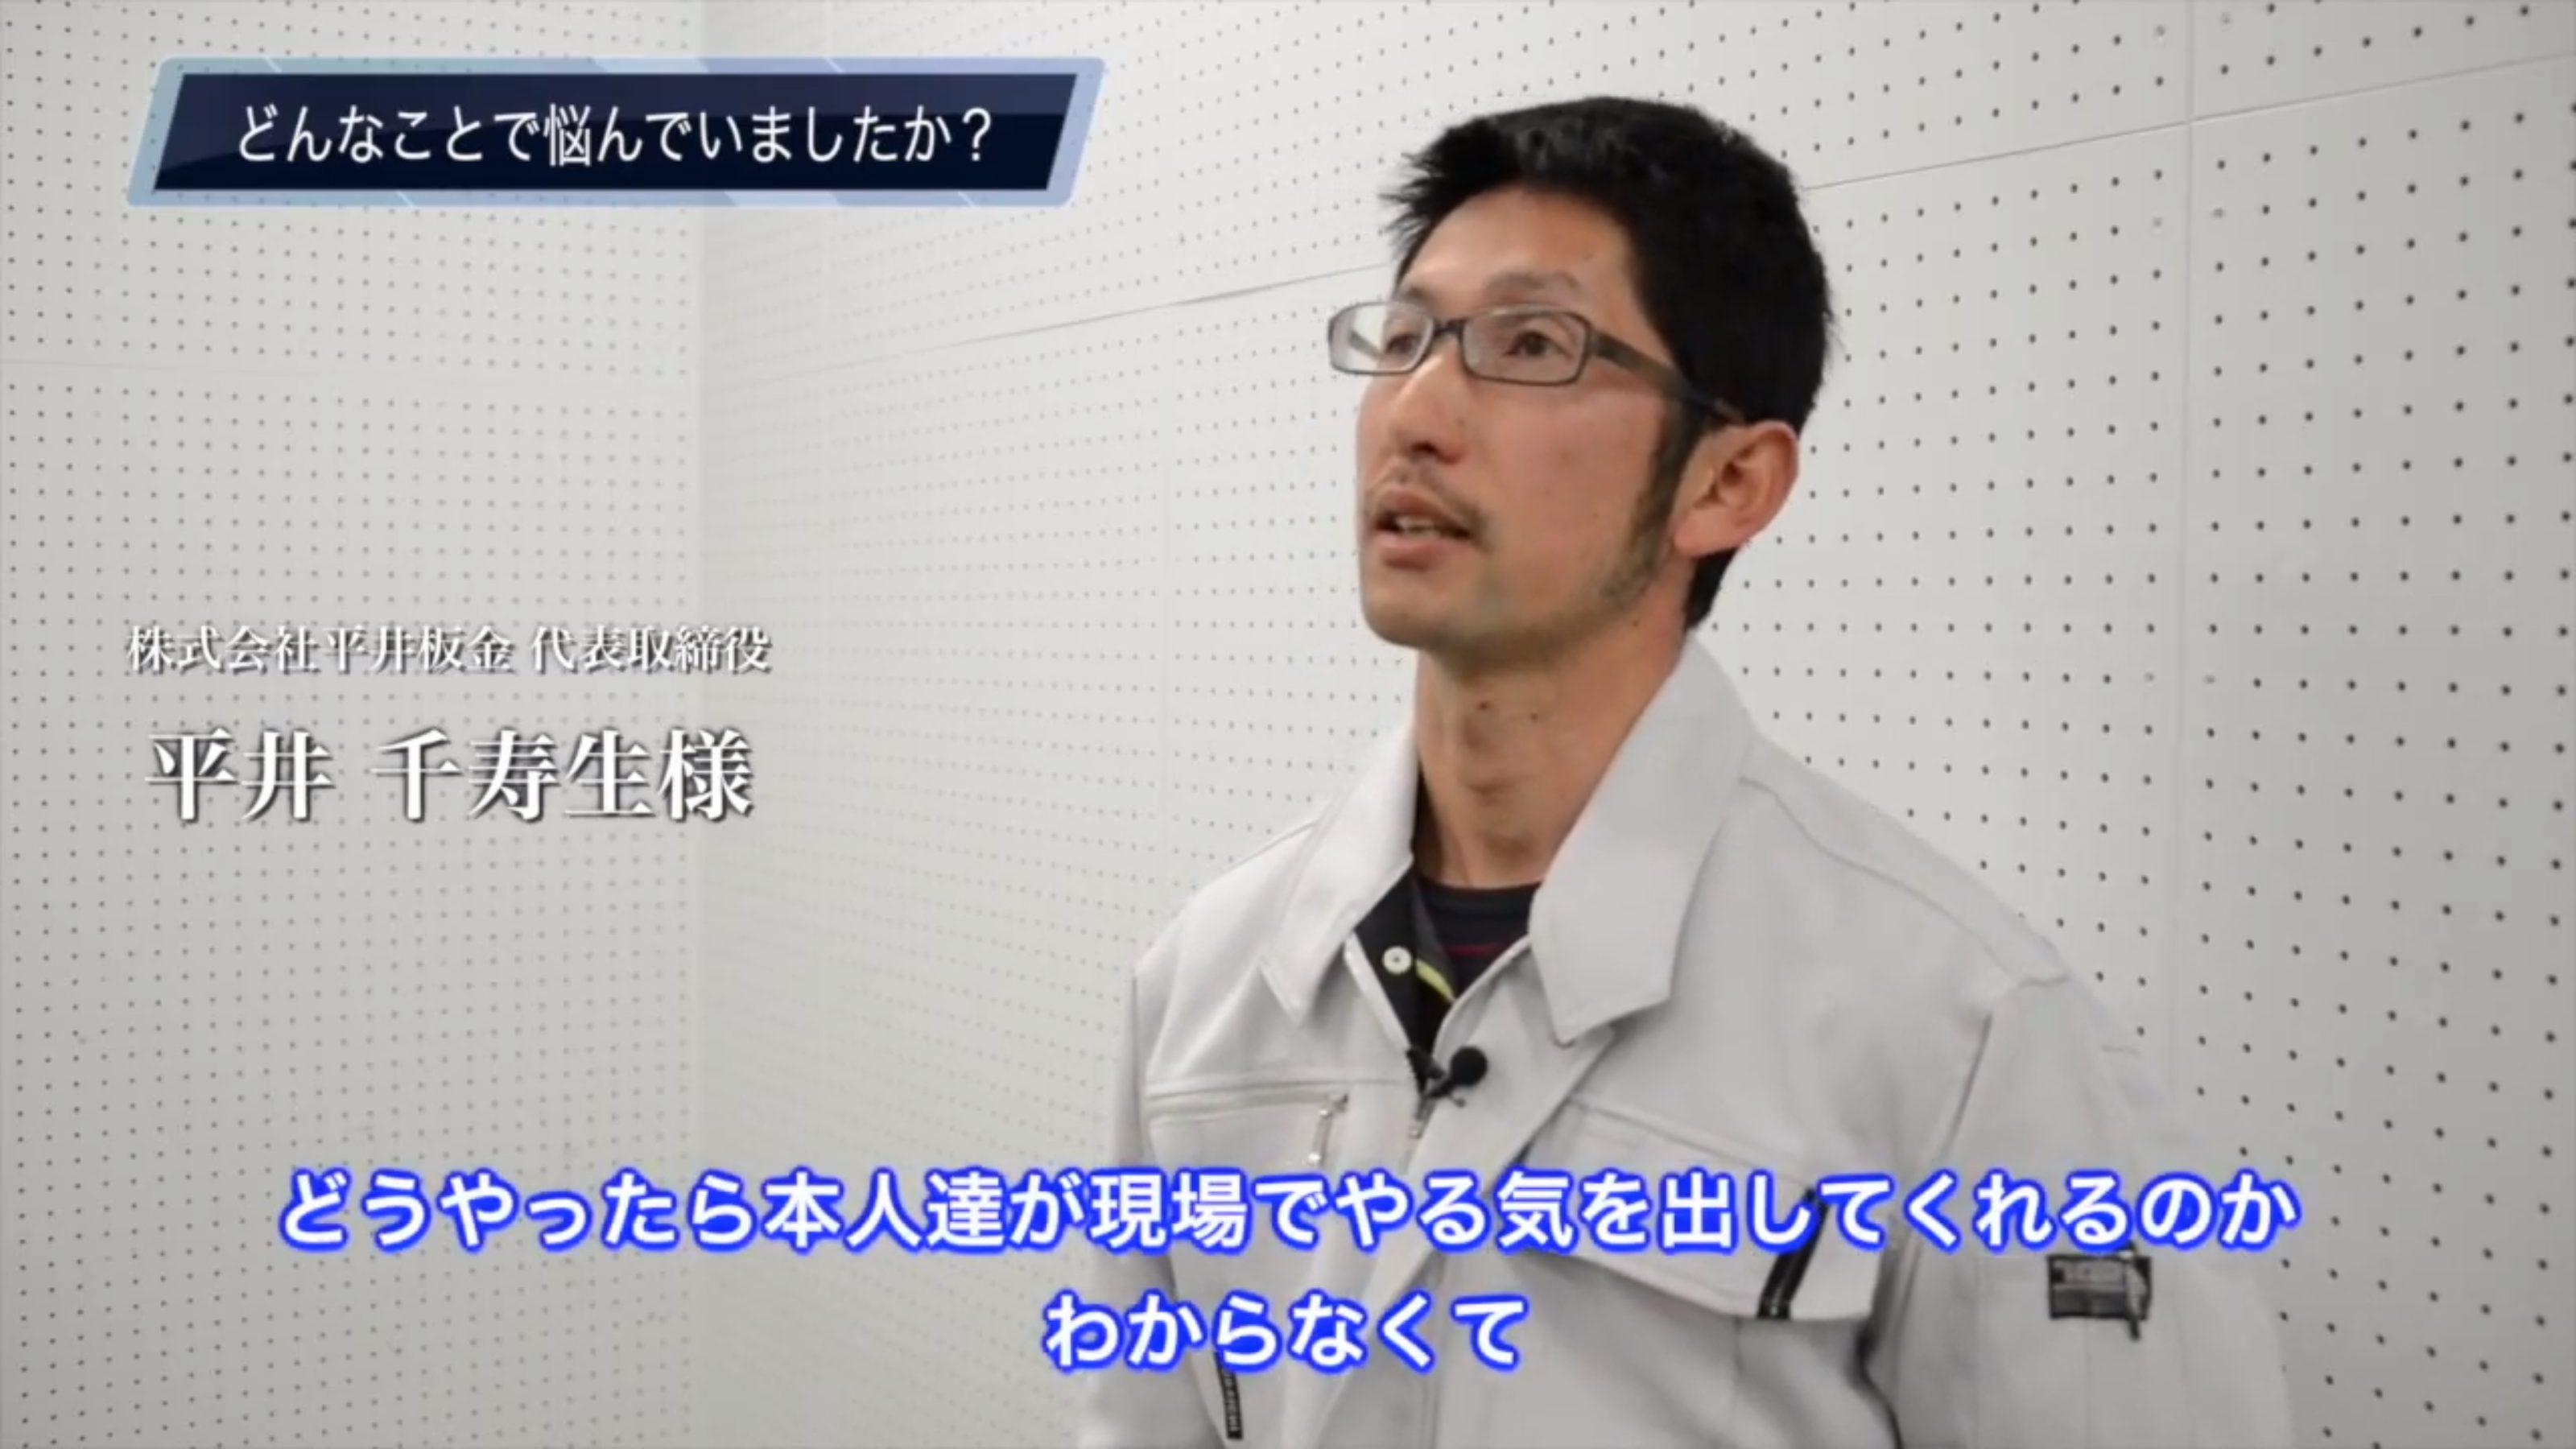 お客様の声 (株)平井板金 様